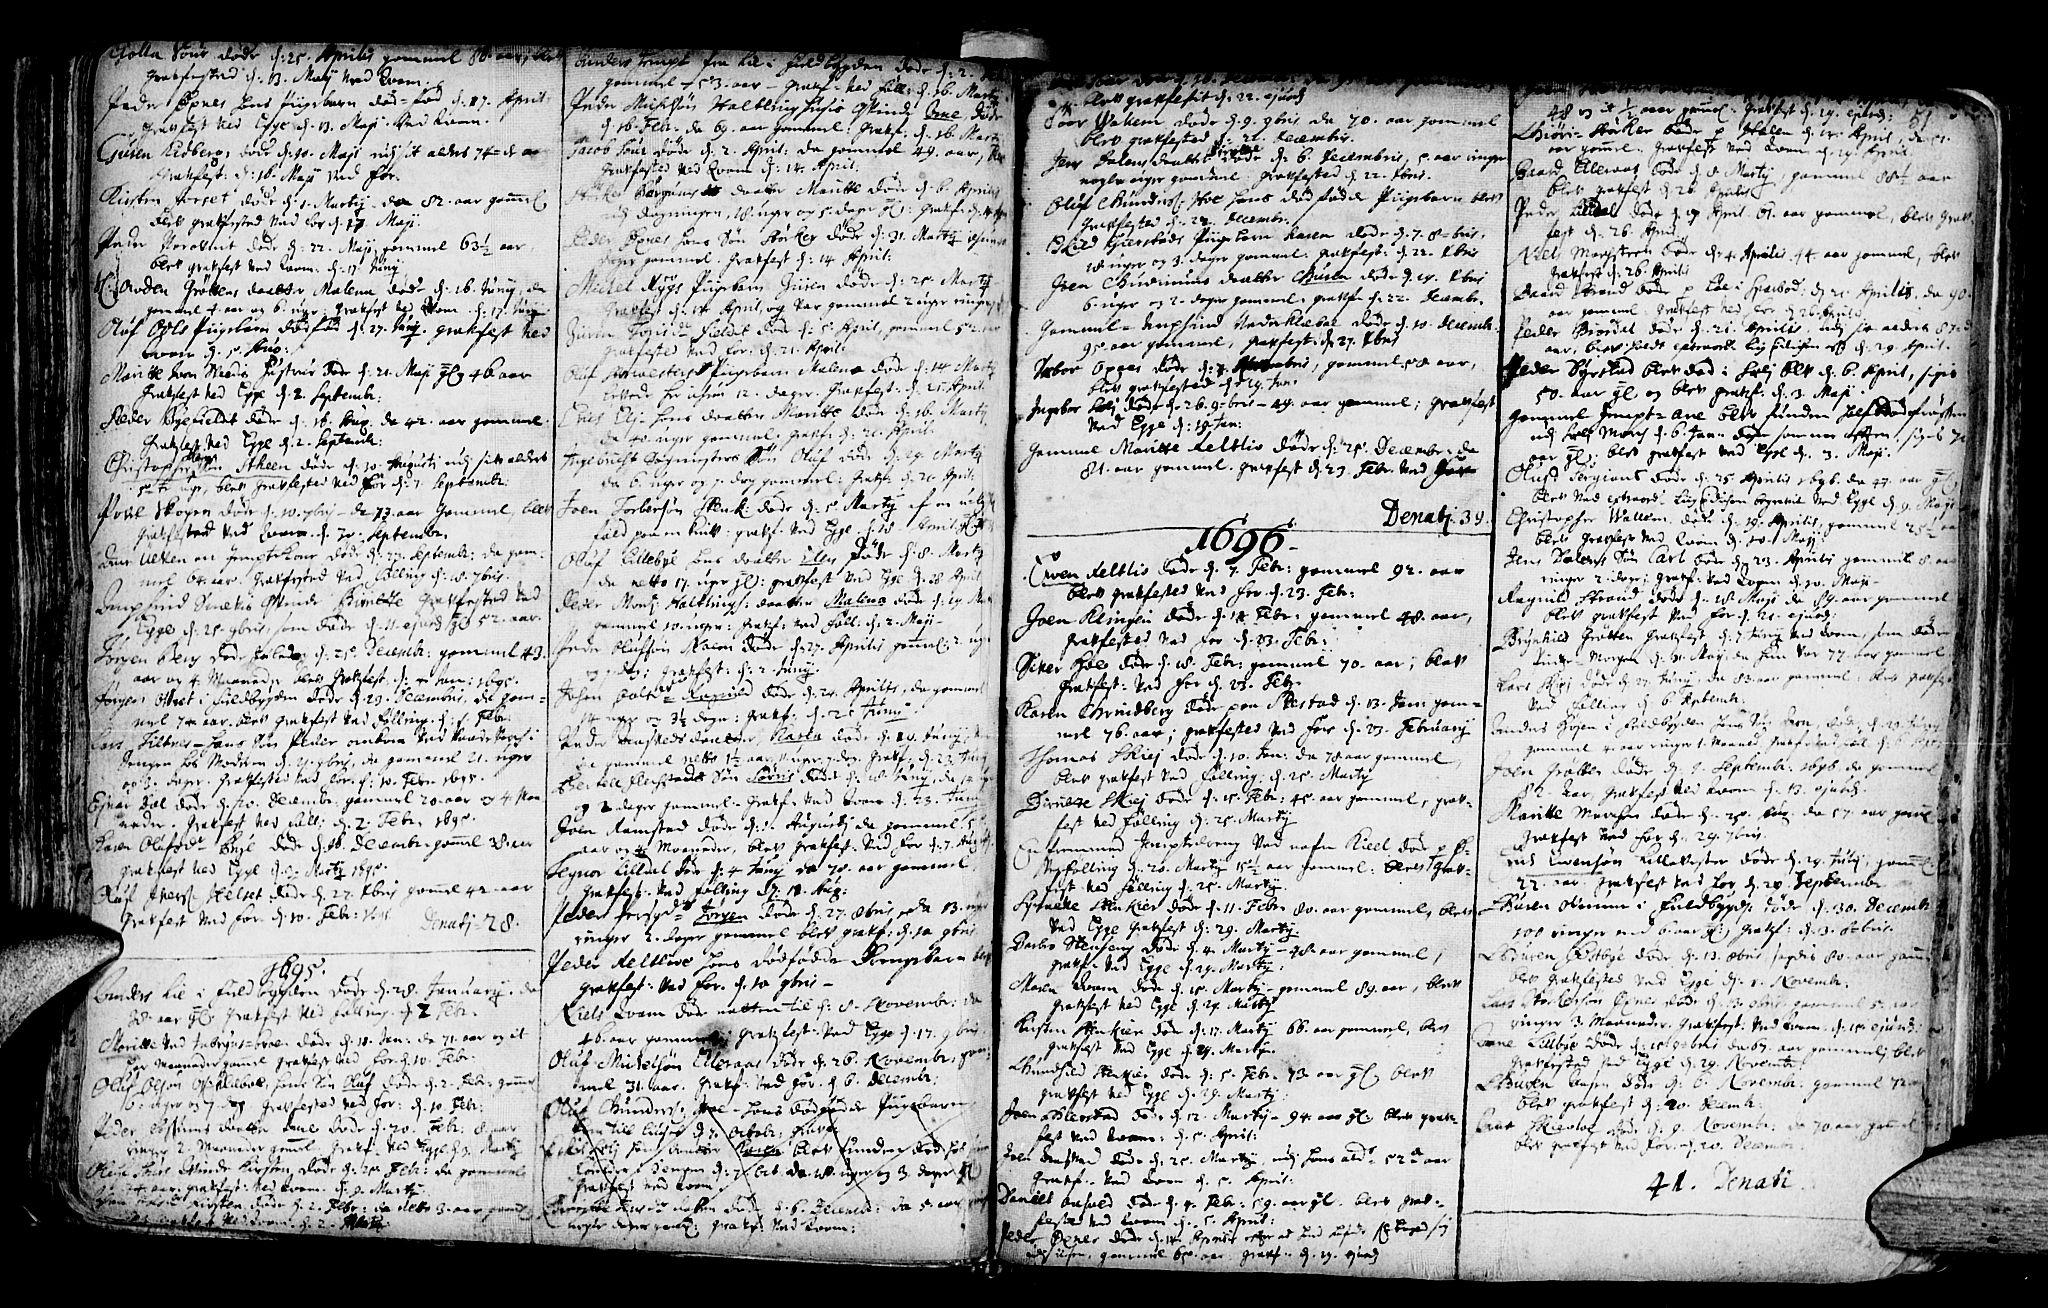 SAT, Ministerialprotokoller, klokkerbøker og fødselsregistre - Nord-Trøndelag, 746/L0439: Ministerialbok nr. 746A01, 1688-1759, s. 51